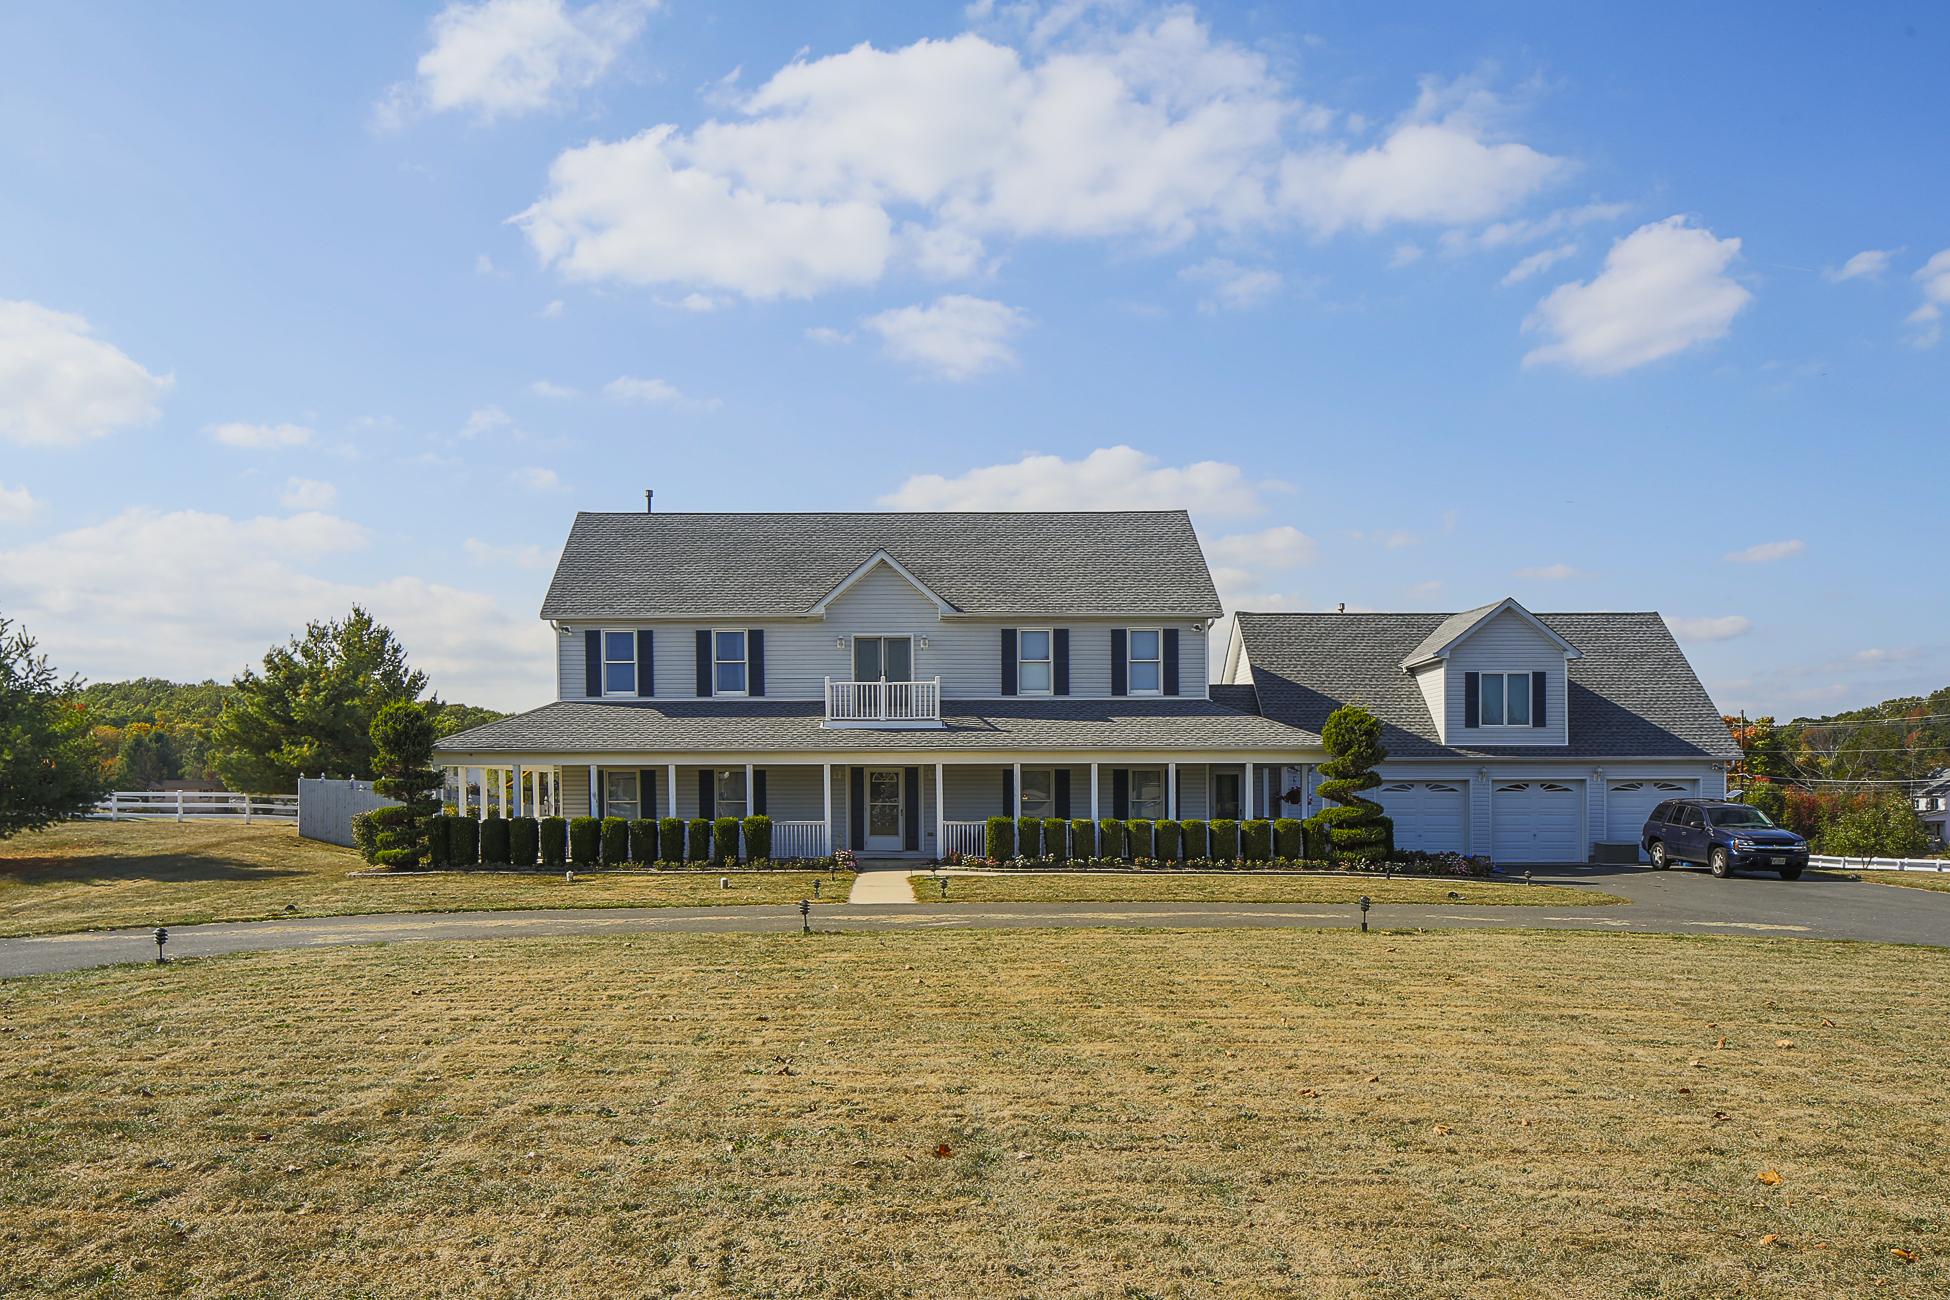 独户住宅 为 销售 在 Loads of Space And Plenty Of Potential! - Franklin Township 2 Golf View Drive Princeton, 新泽西州 08540 美国